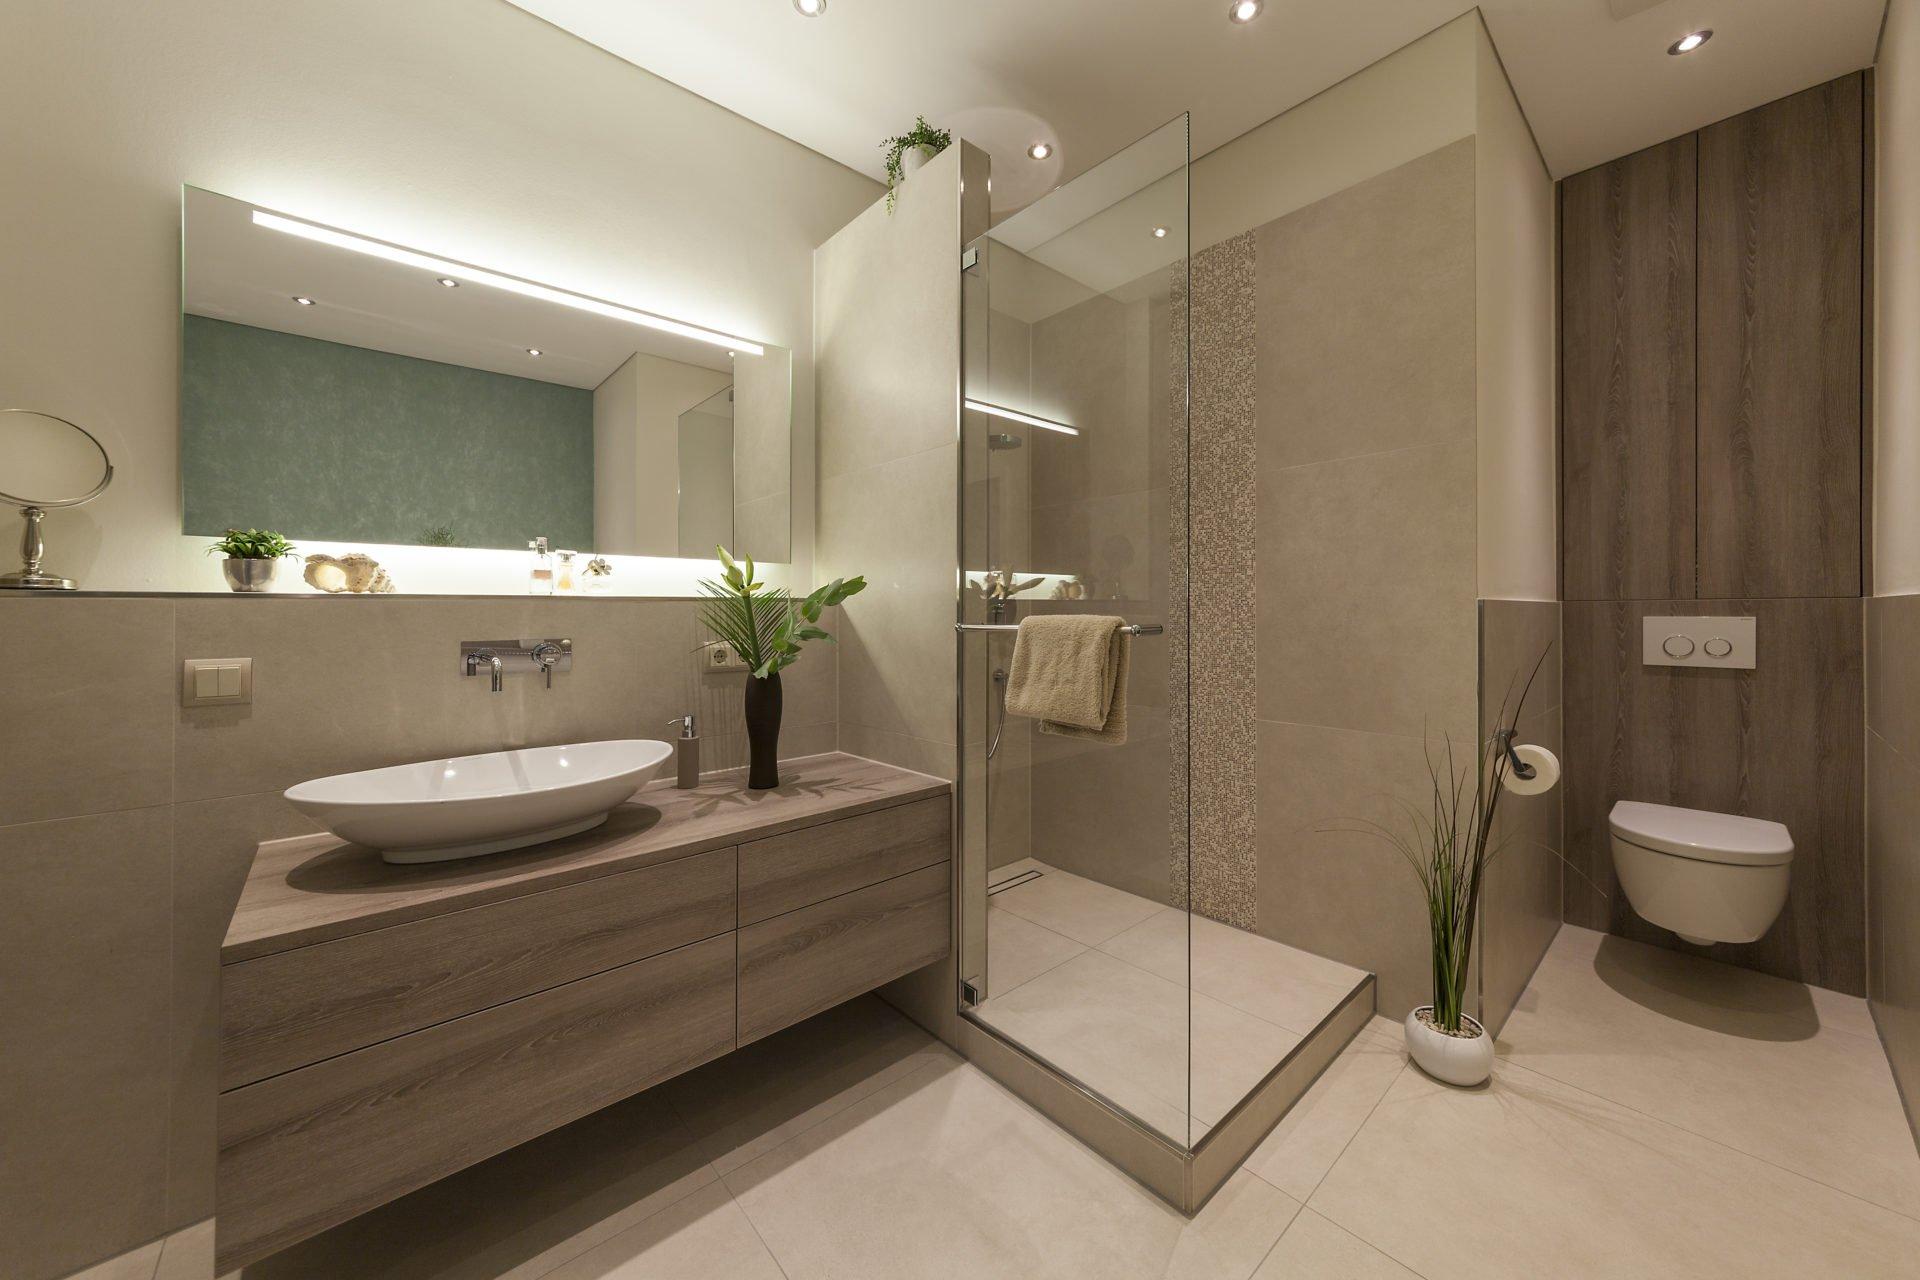 Badezimmer wohnen Badmöbel Waschbecken Dusche WC   NOWAK GmbH Bergisch Gladbach